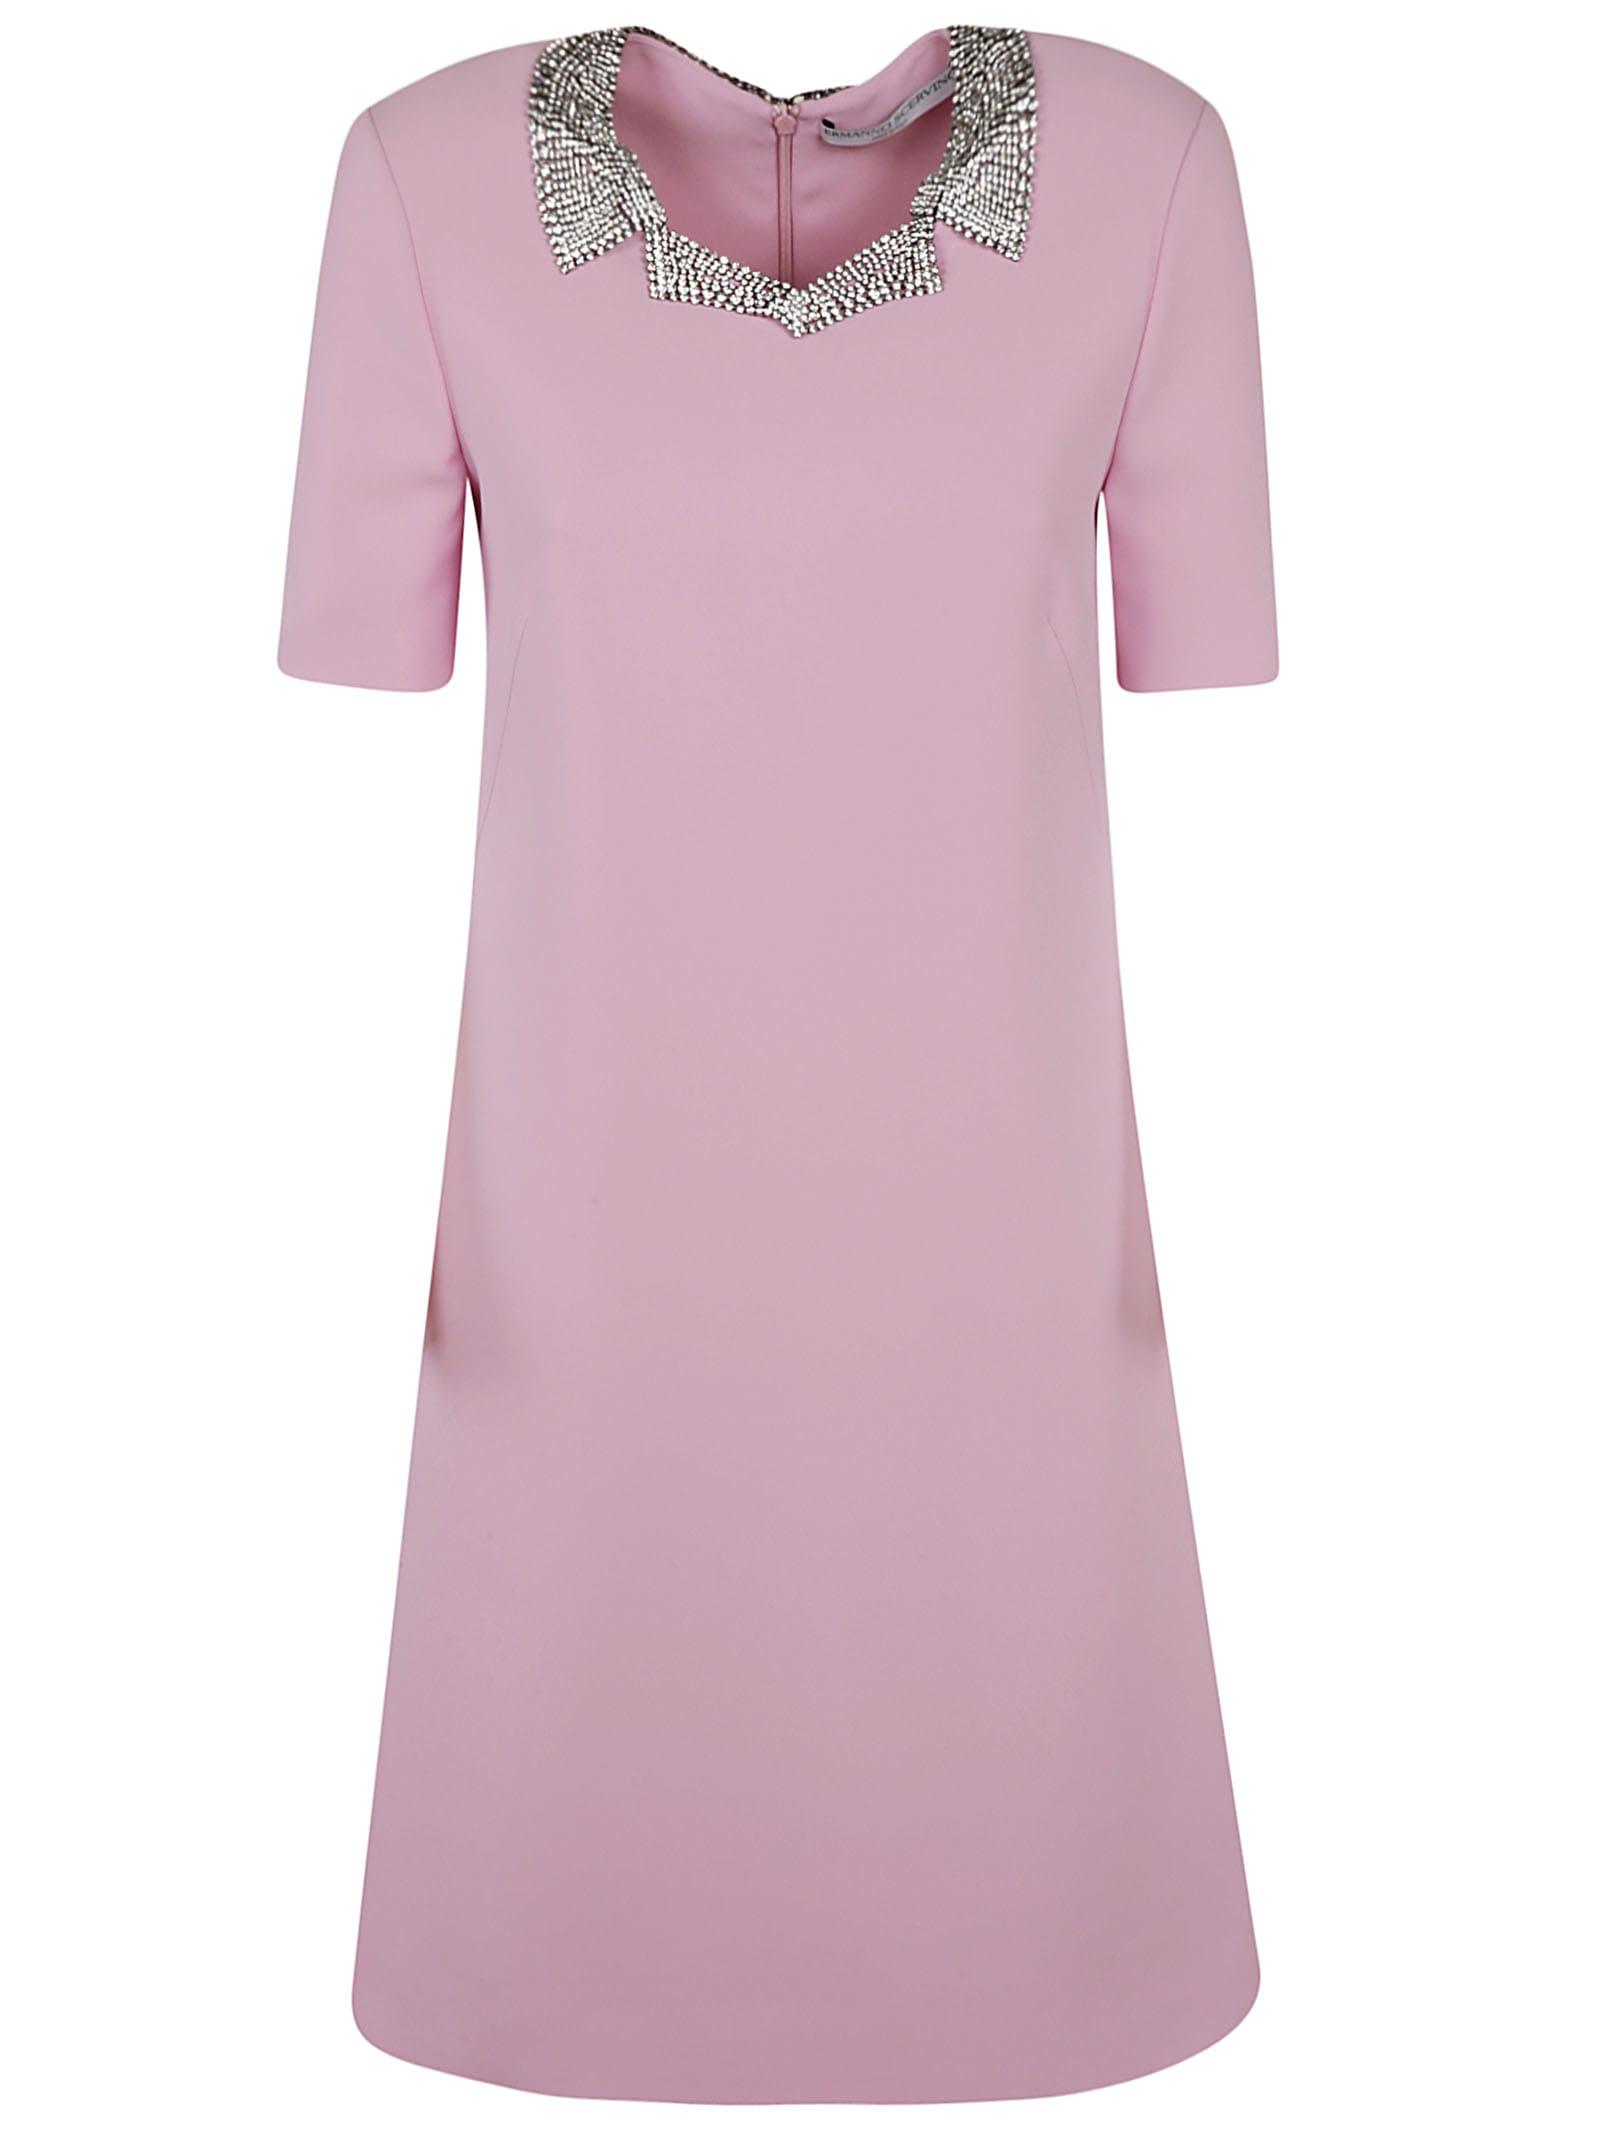 Buy Ermanno Scervino Embellished Neck Dress online, shop Ermanno Scervino with free shipping